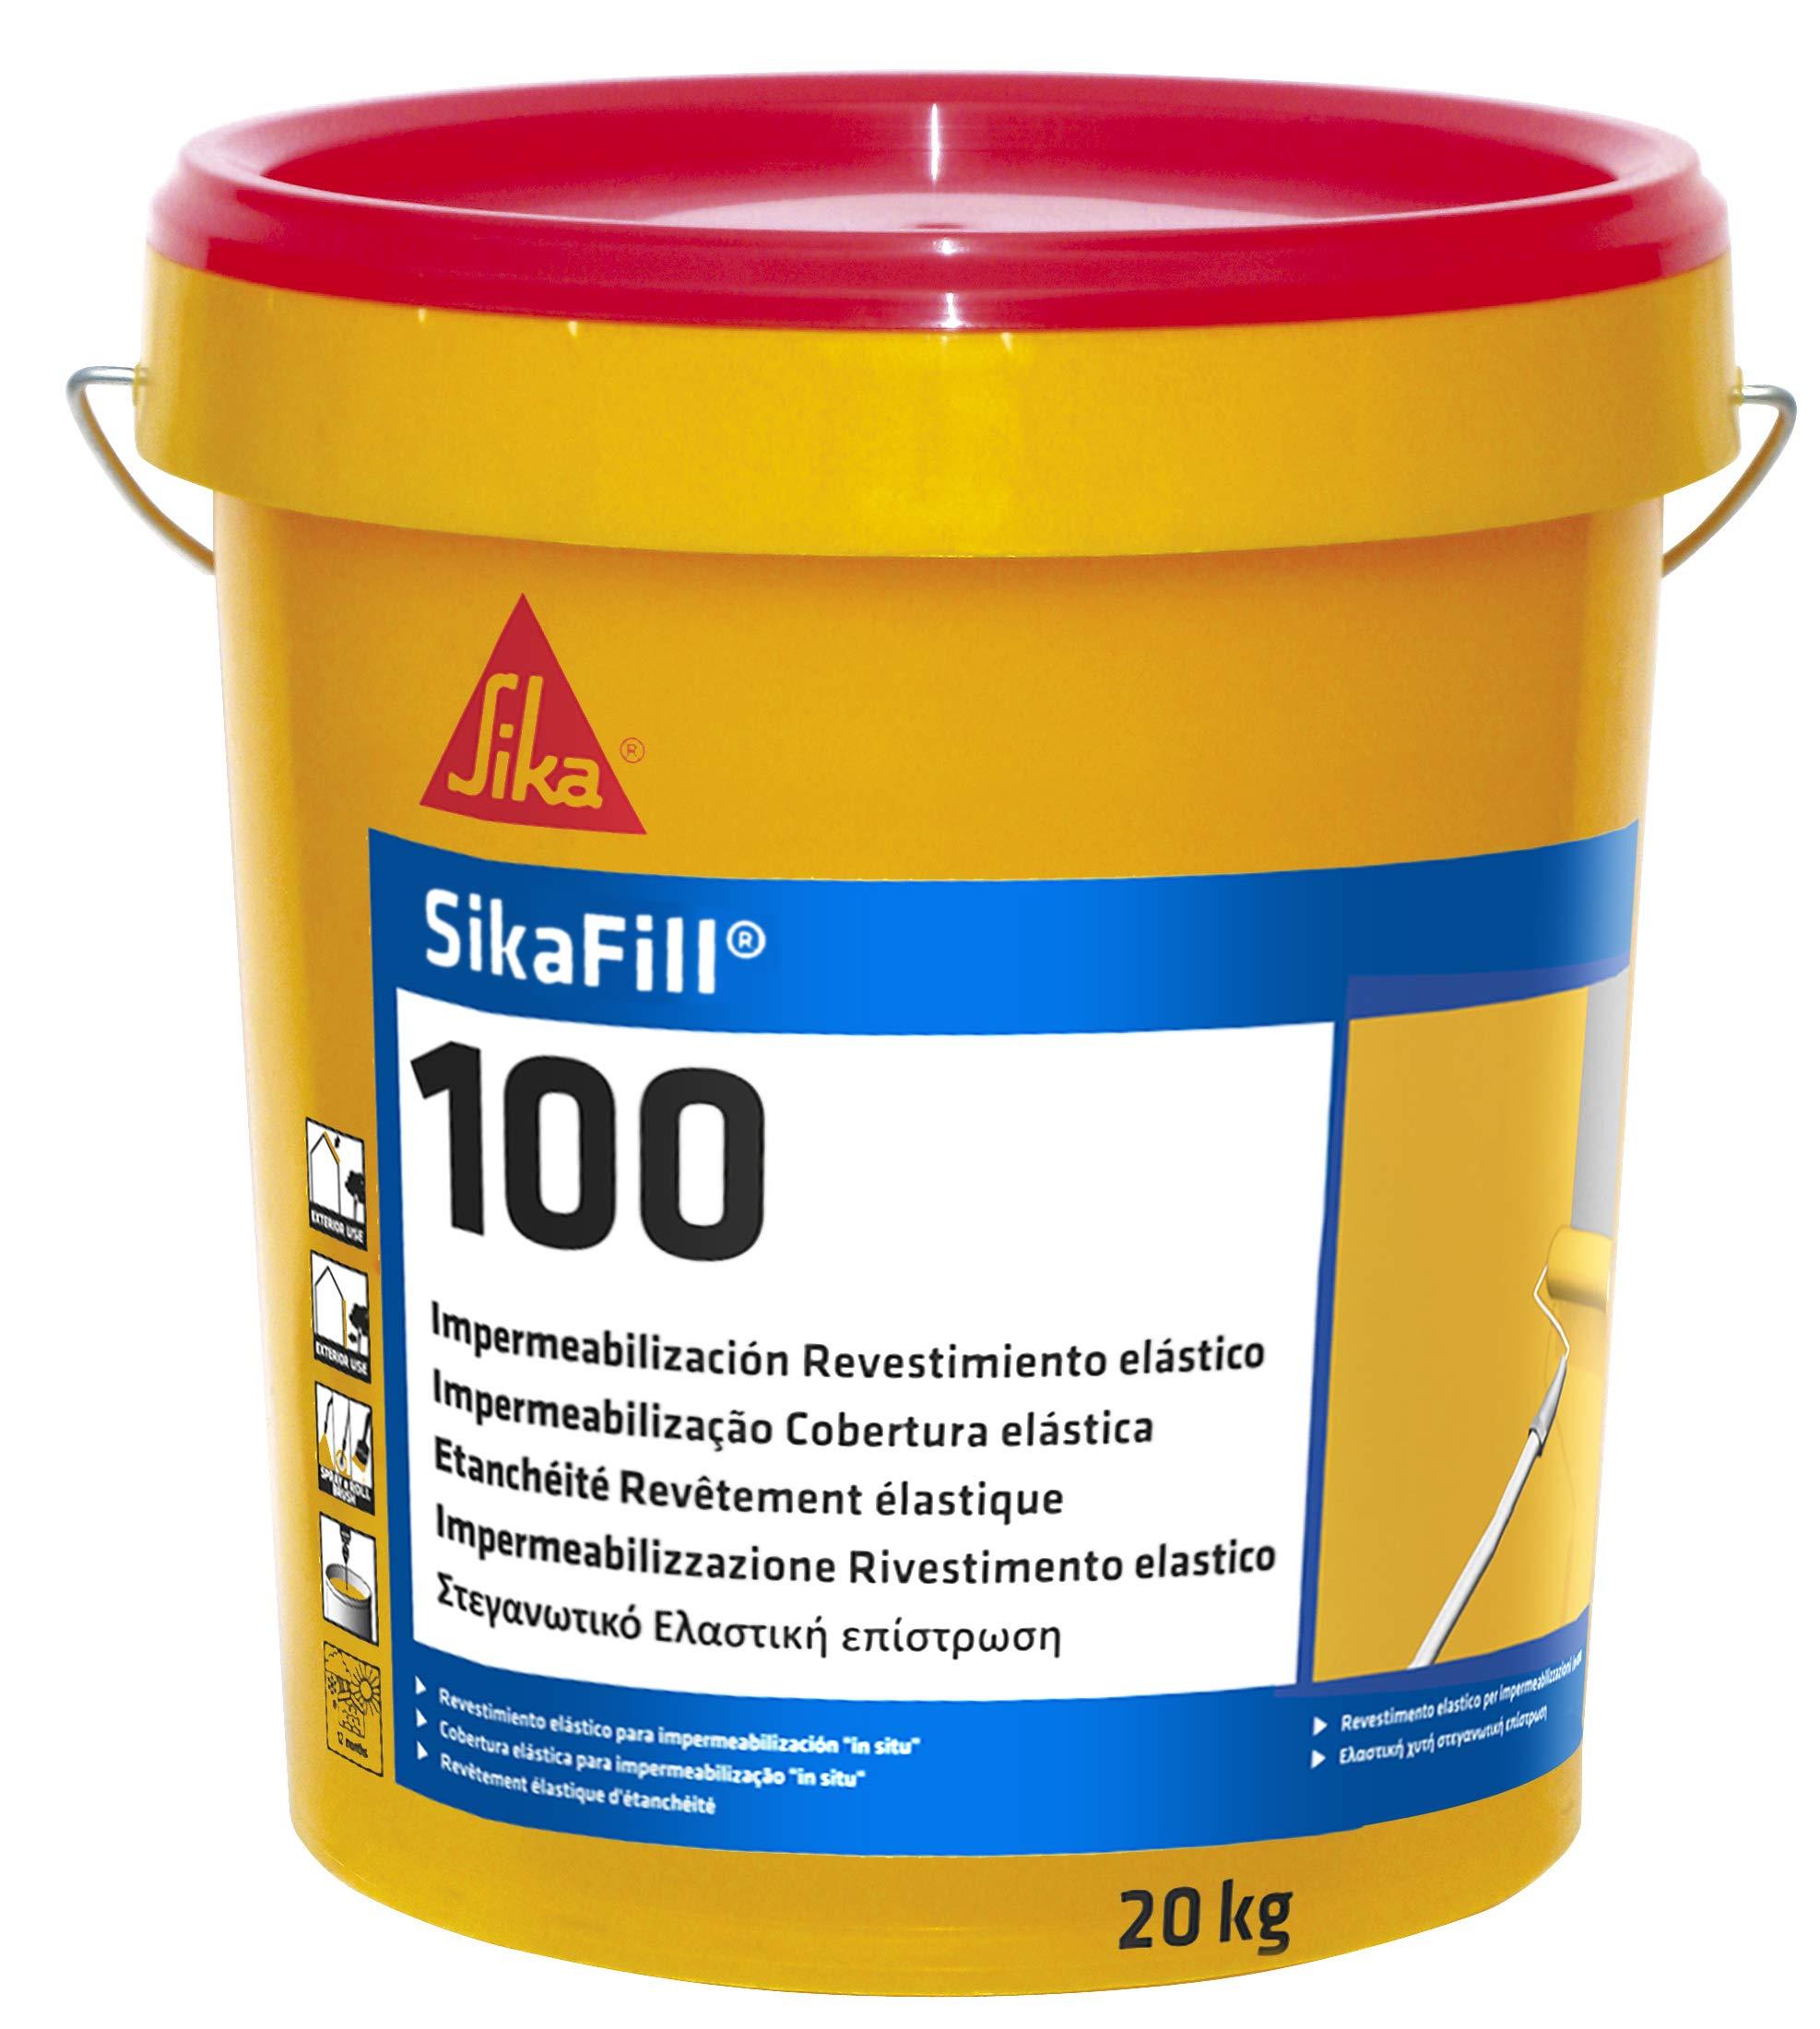 SikaFill-100, Revestimiento elástico para impermeabilización de cubierta, Rojo Teja, 20kg product image